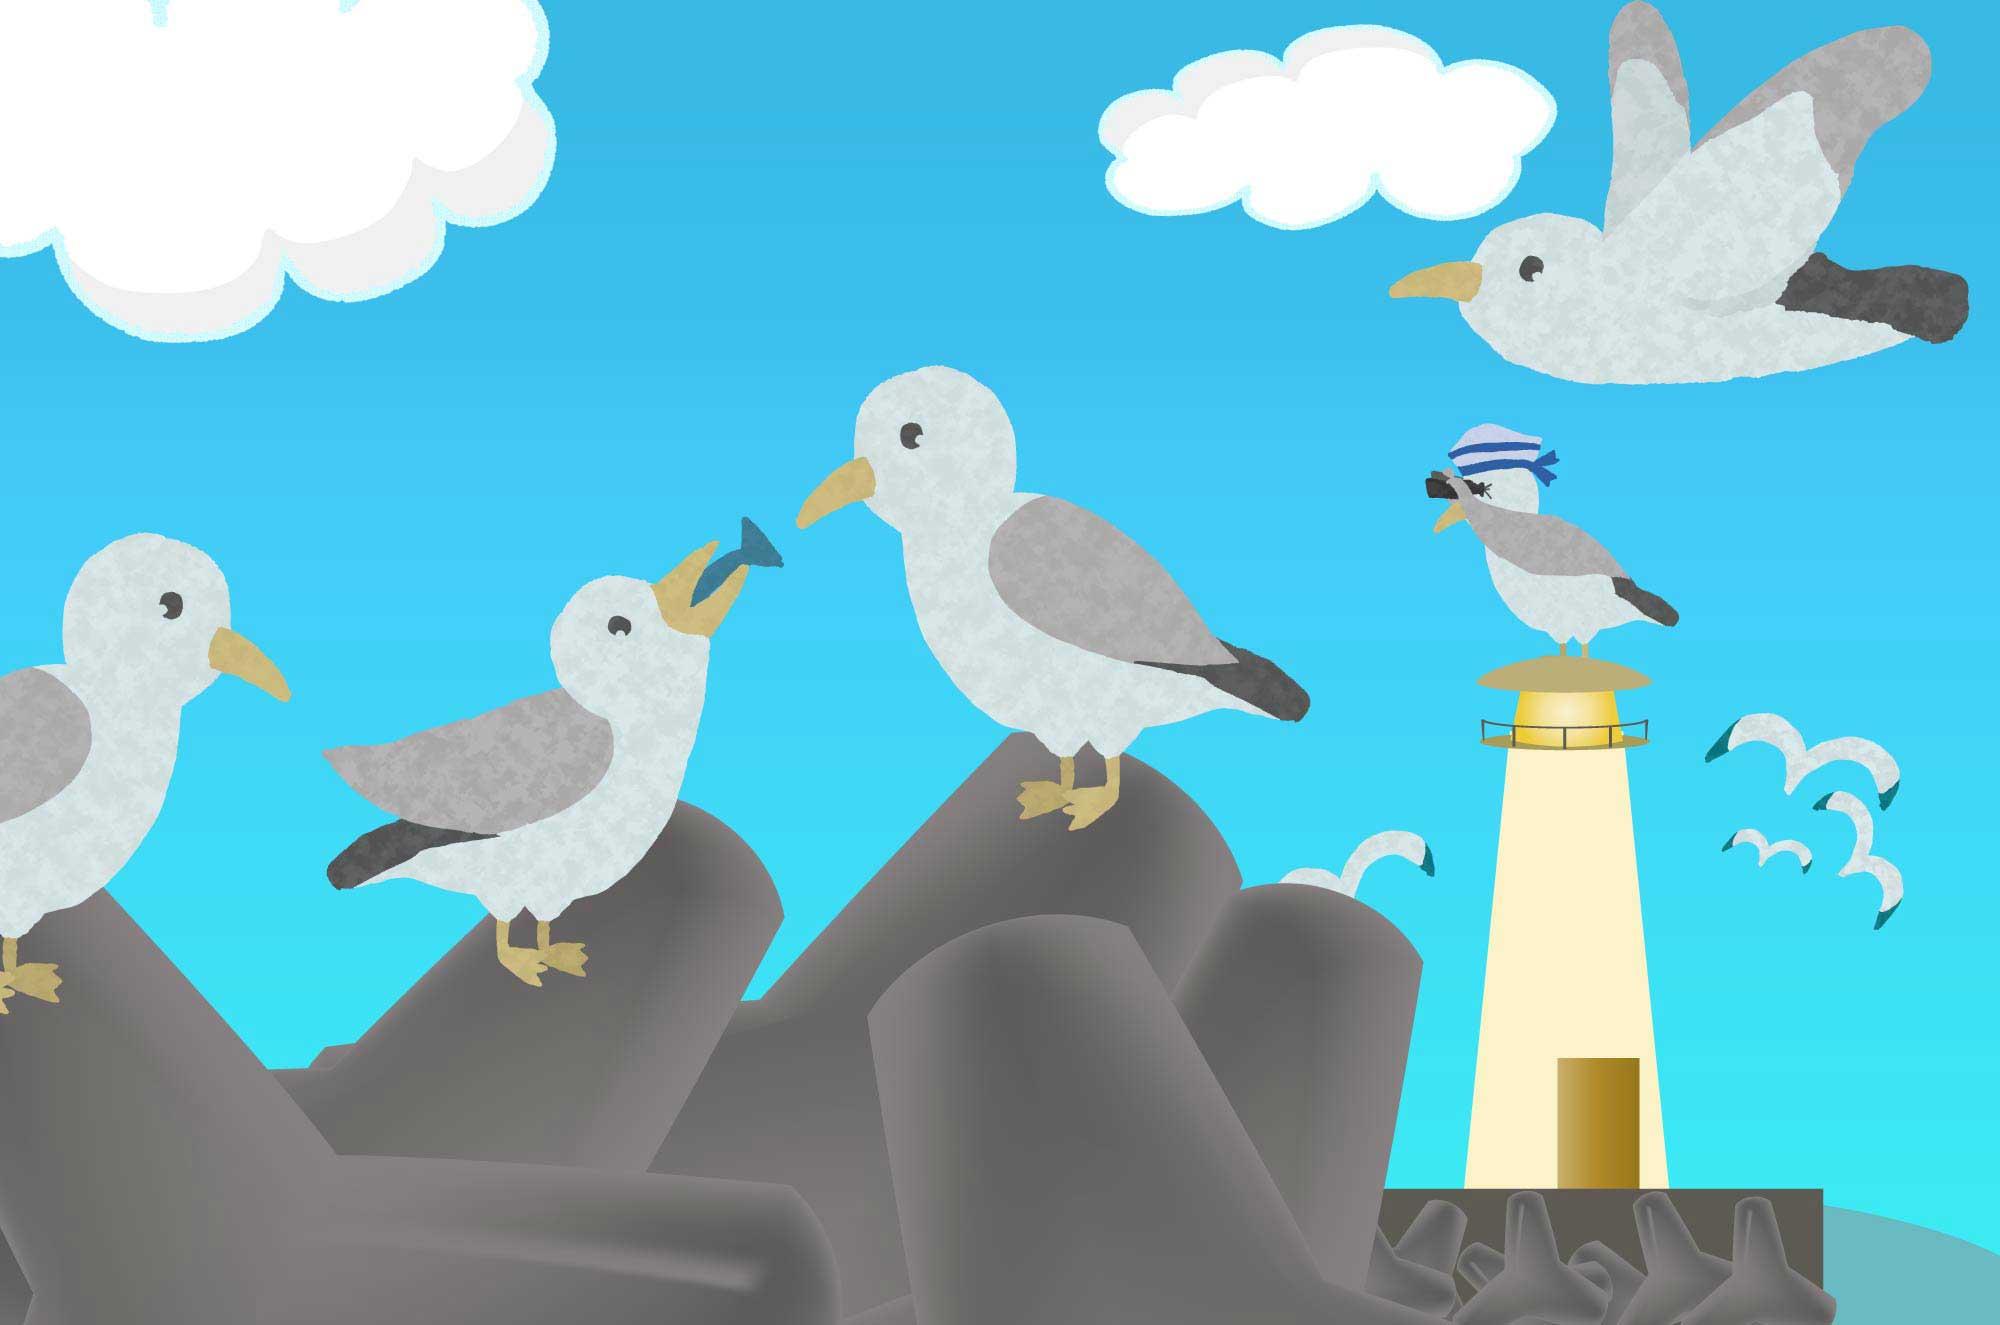 かもめのイラスト - 無料で使える可愛い海の鳥素材